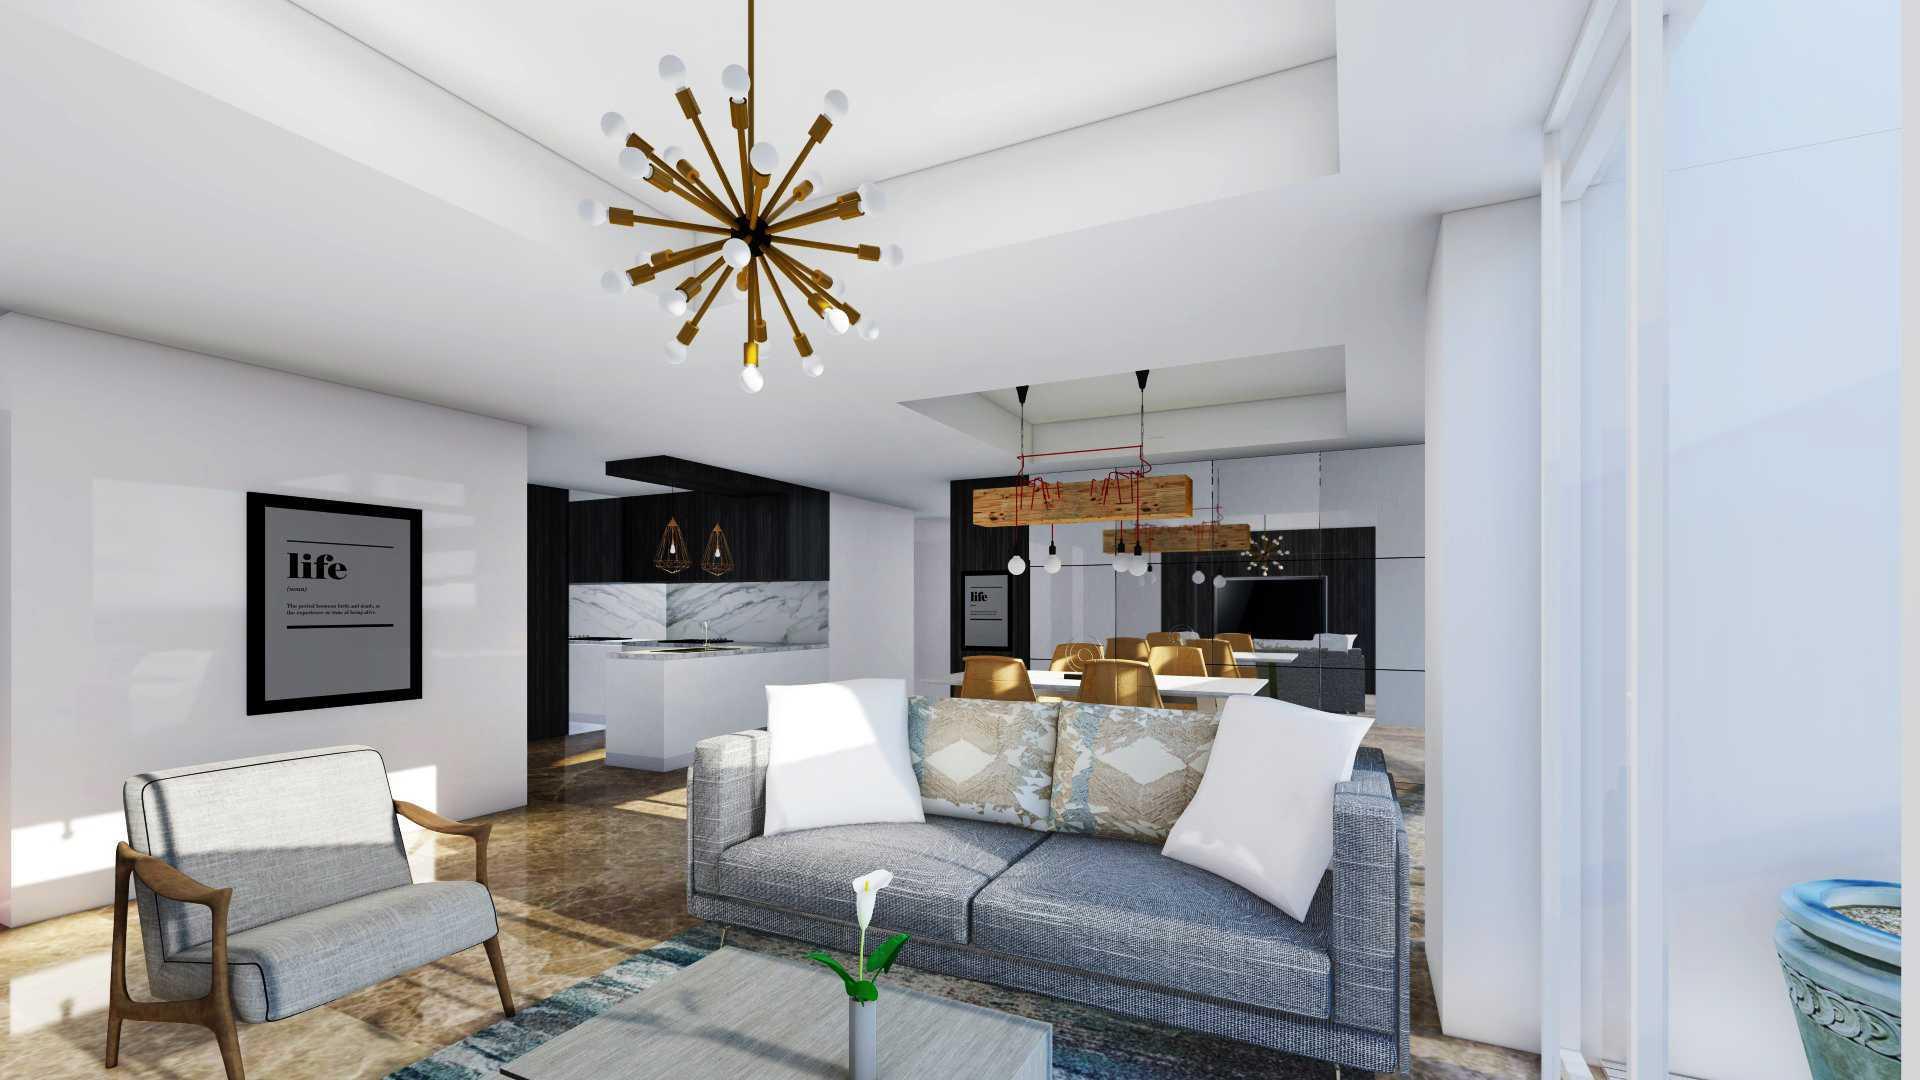 Foto inspirasi ide desain apartemen industrial Rinto-katili-apartment-di-jakarta-utara oleh Rinto Katili, S.s.n, M.M di Arsitag